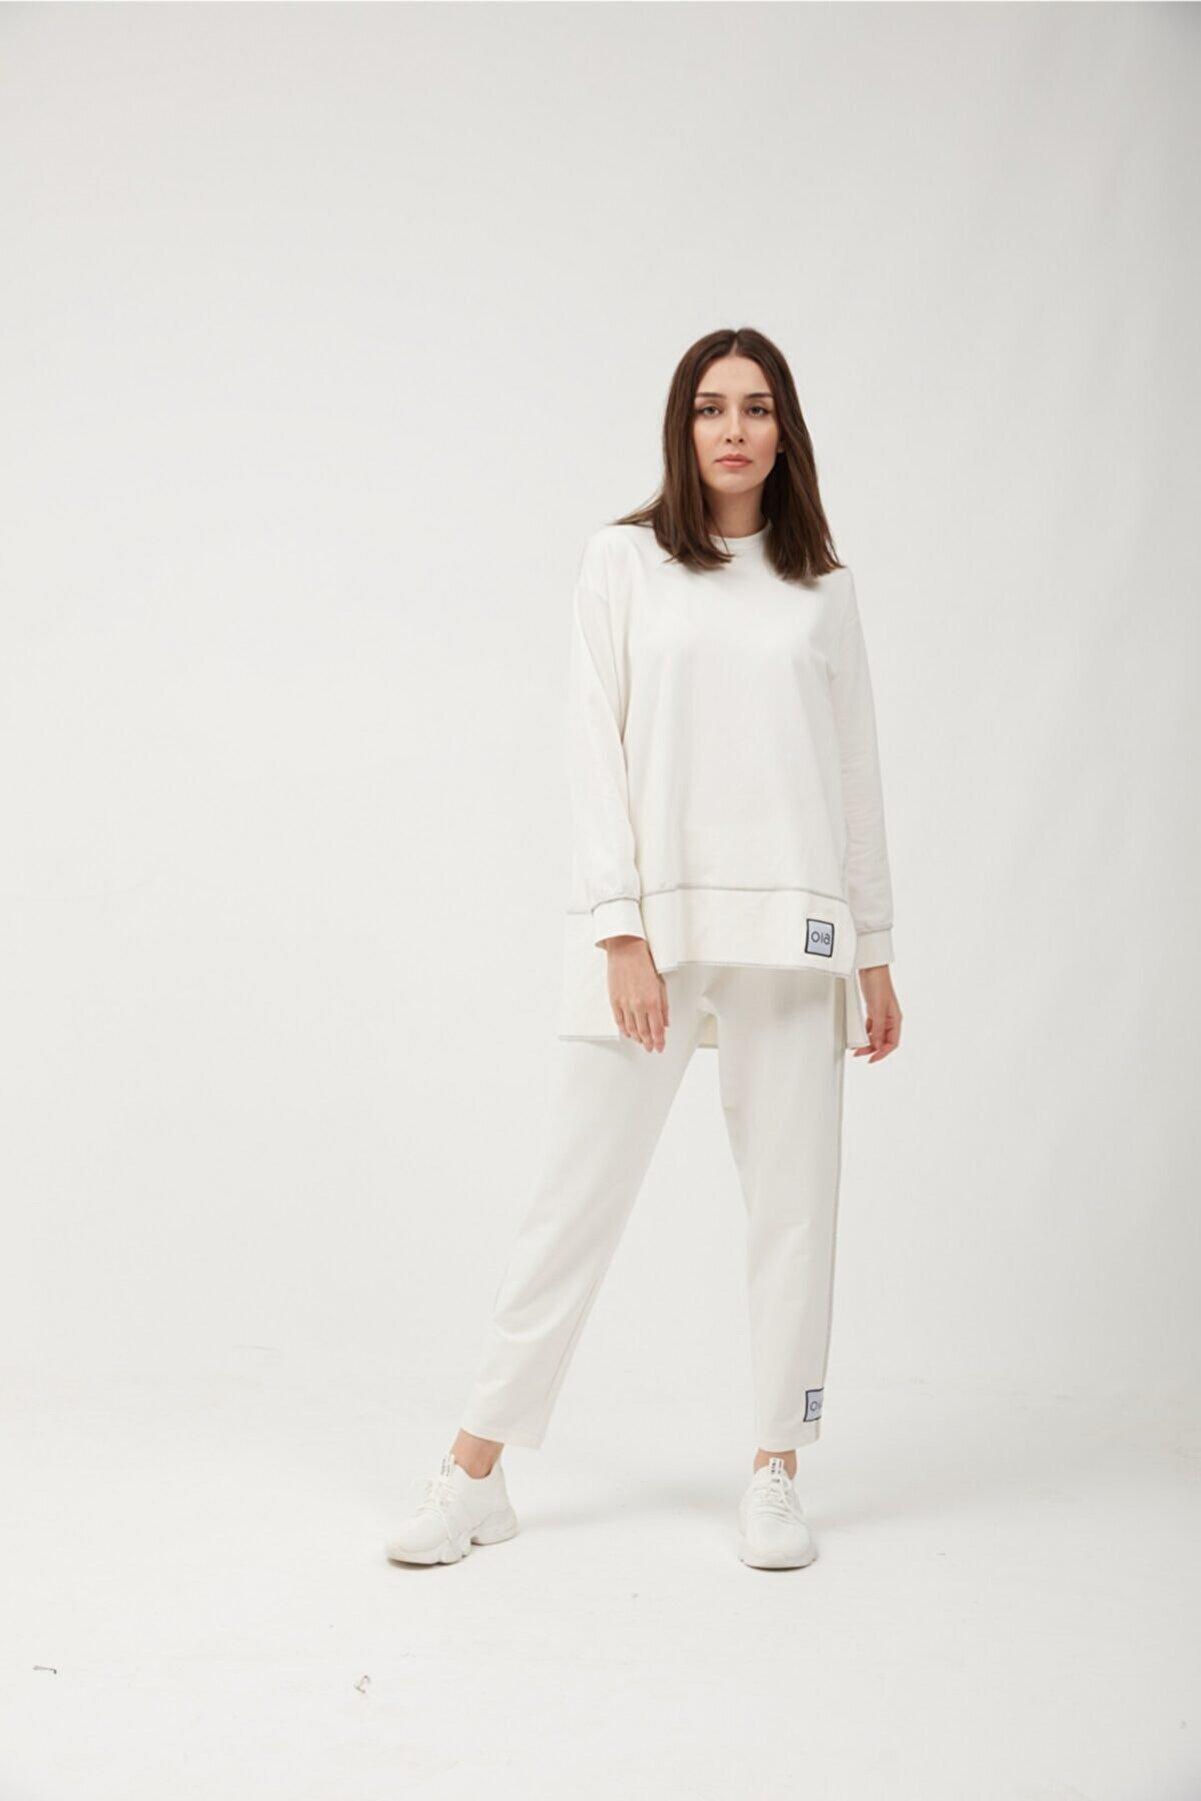 oia Kadın Beyaz Pamuklu Tunik Pantolon Eşofman Takım W-0943